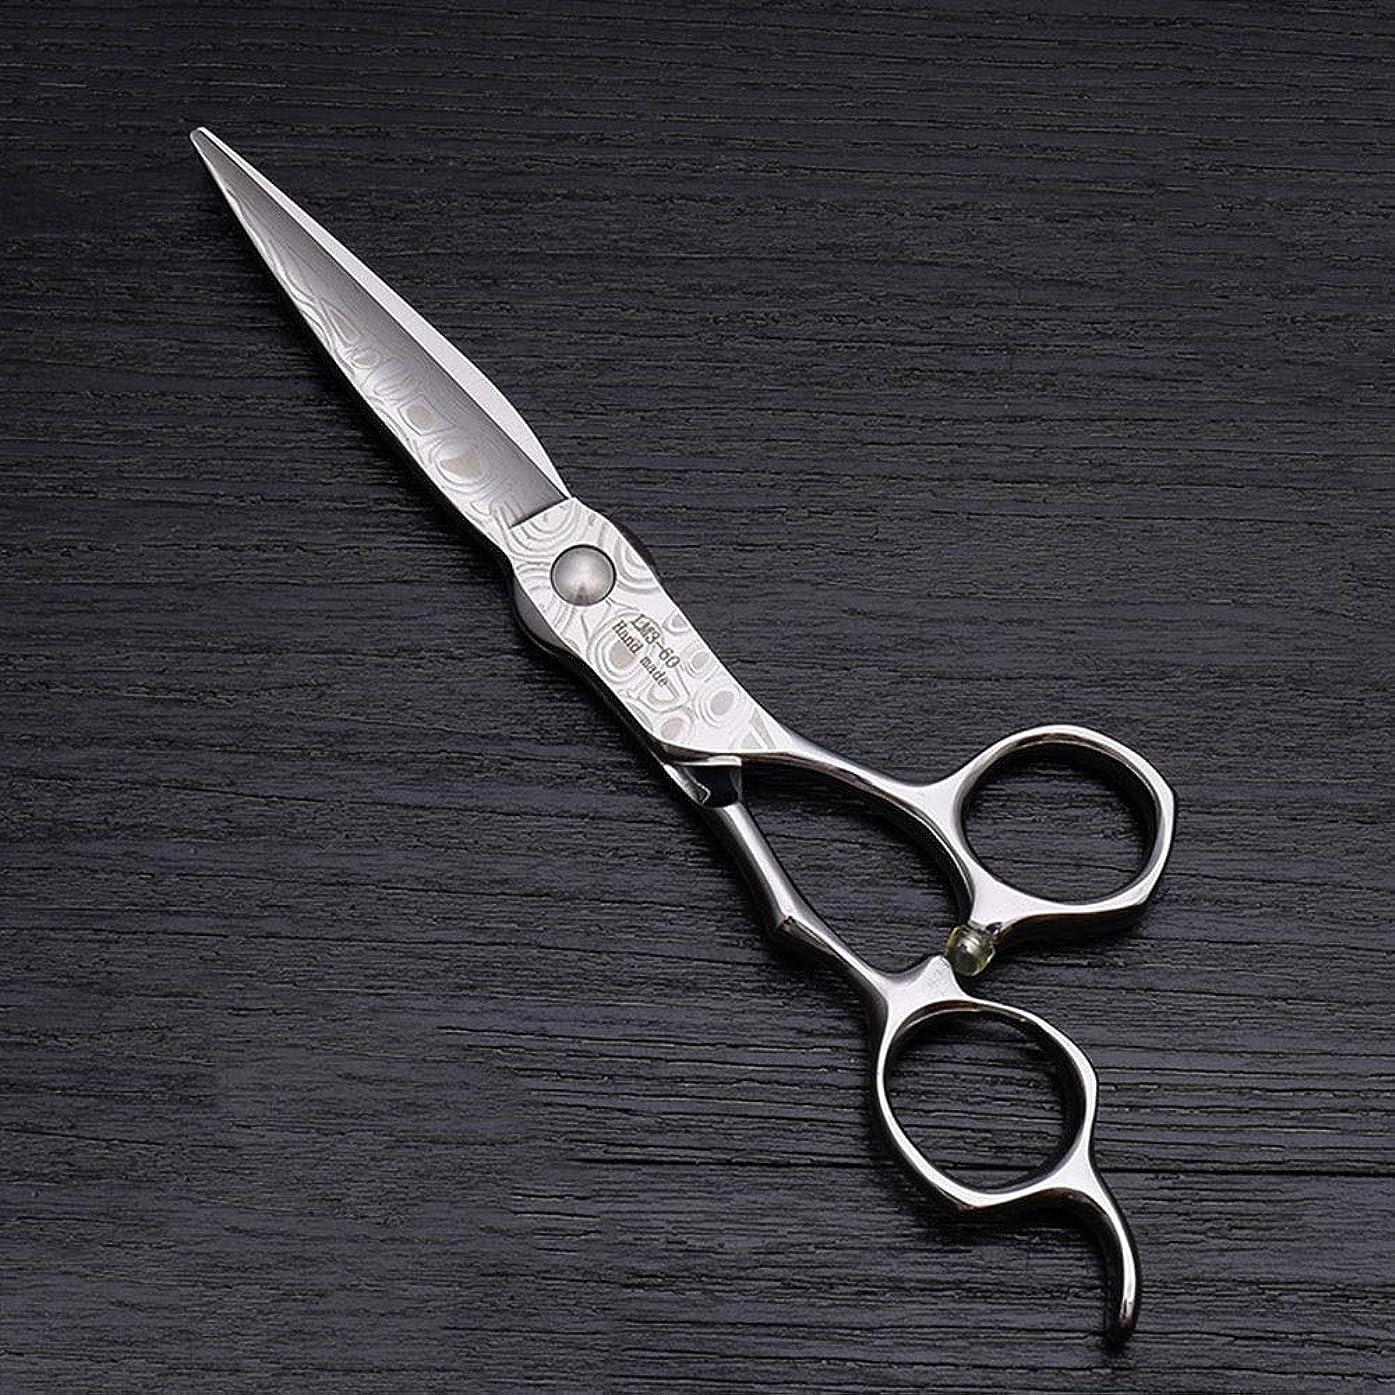 コートカナダ未亡人理髪用はさみ 6インチのフラットカットはさみ、ハイエンドはさみ、はさみをカット (色 : Silver)